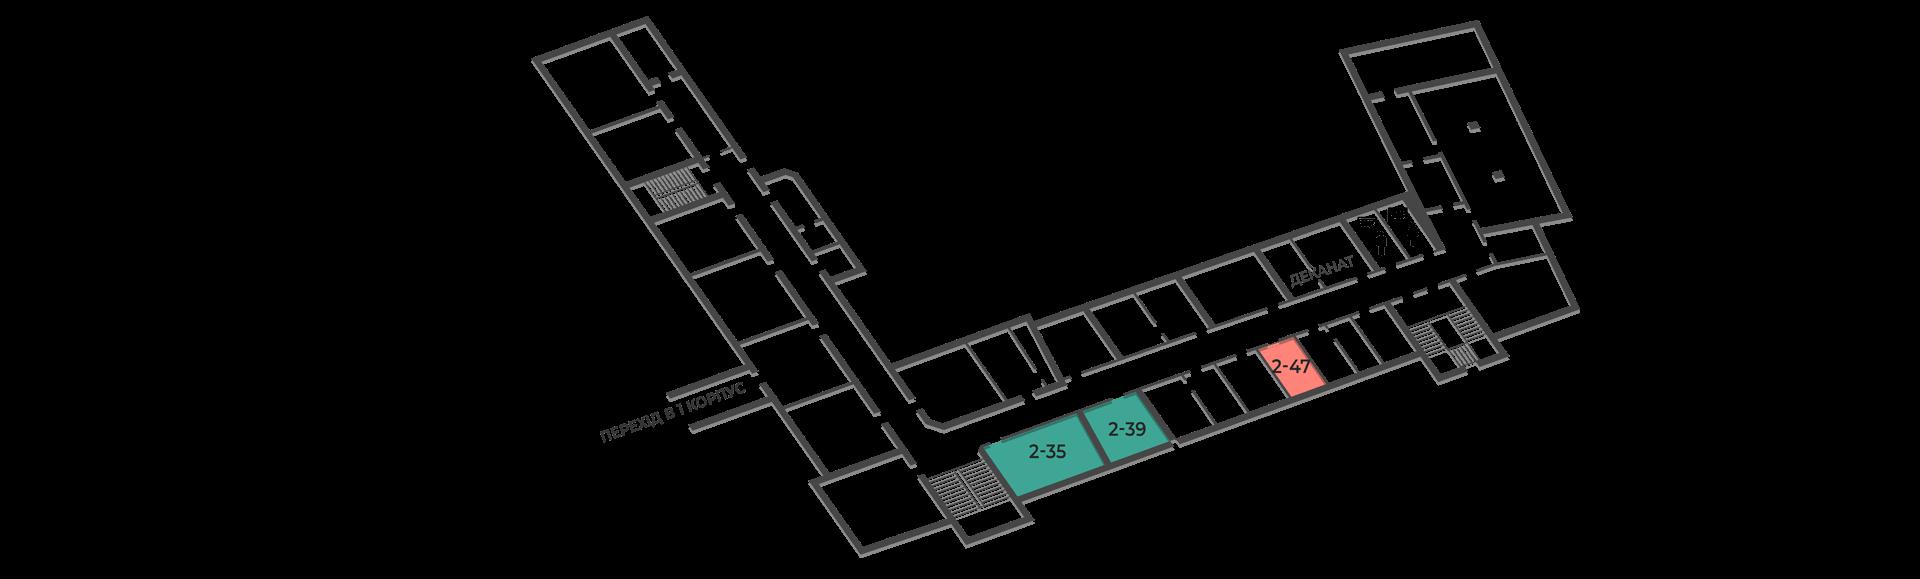 розміщення аудиторій кафедри будівельної механіки корпус тнту №2, другий поверх